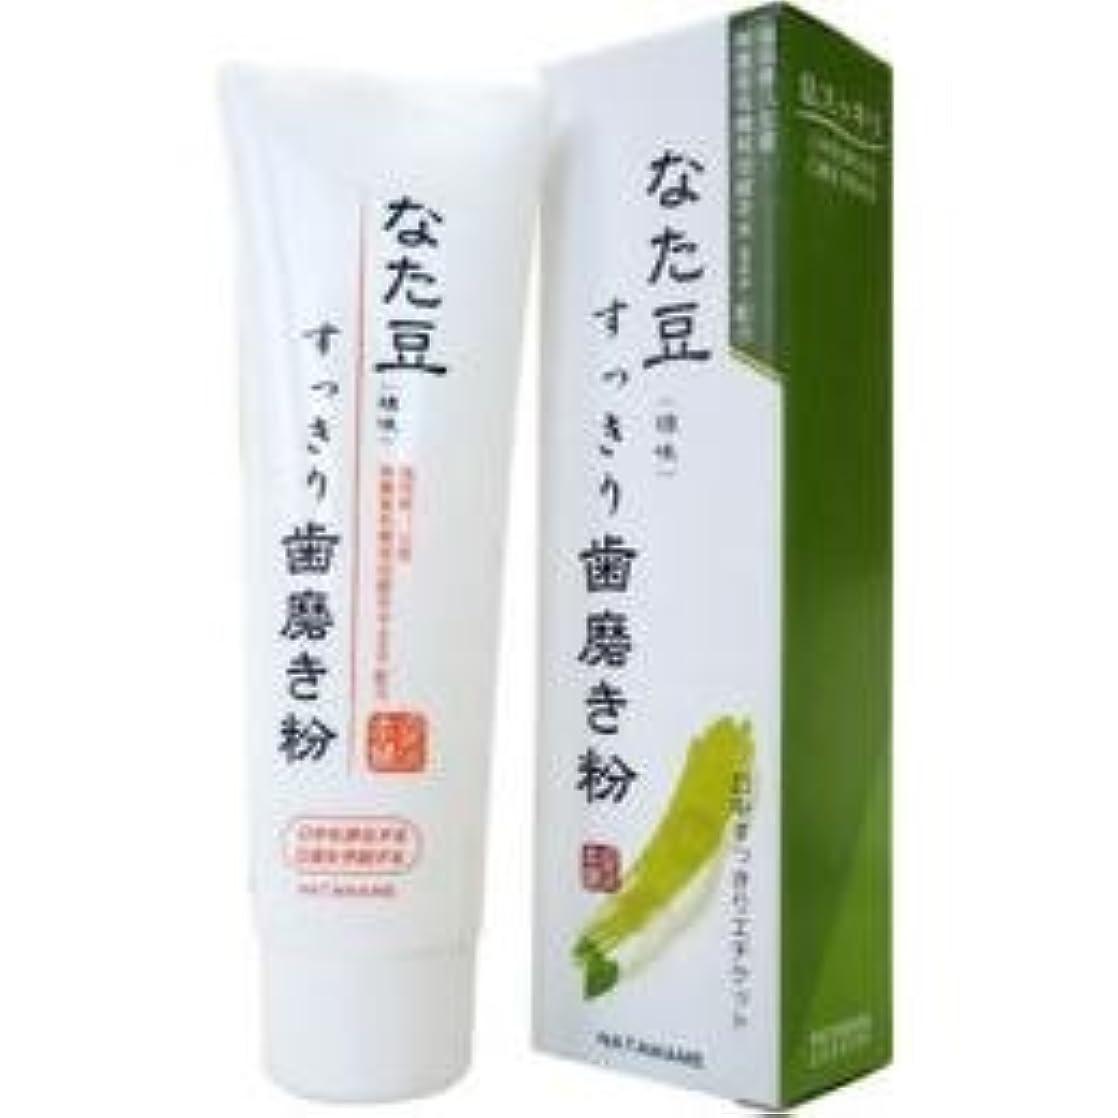 損なう激しい消費者株式会社三和通商 なた豆すっきり歯磨き粉 120g